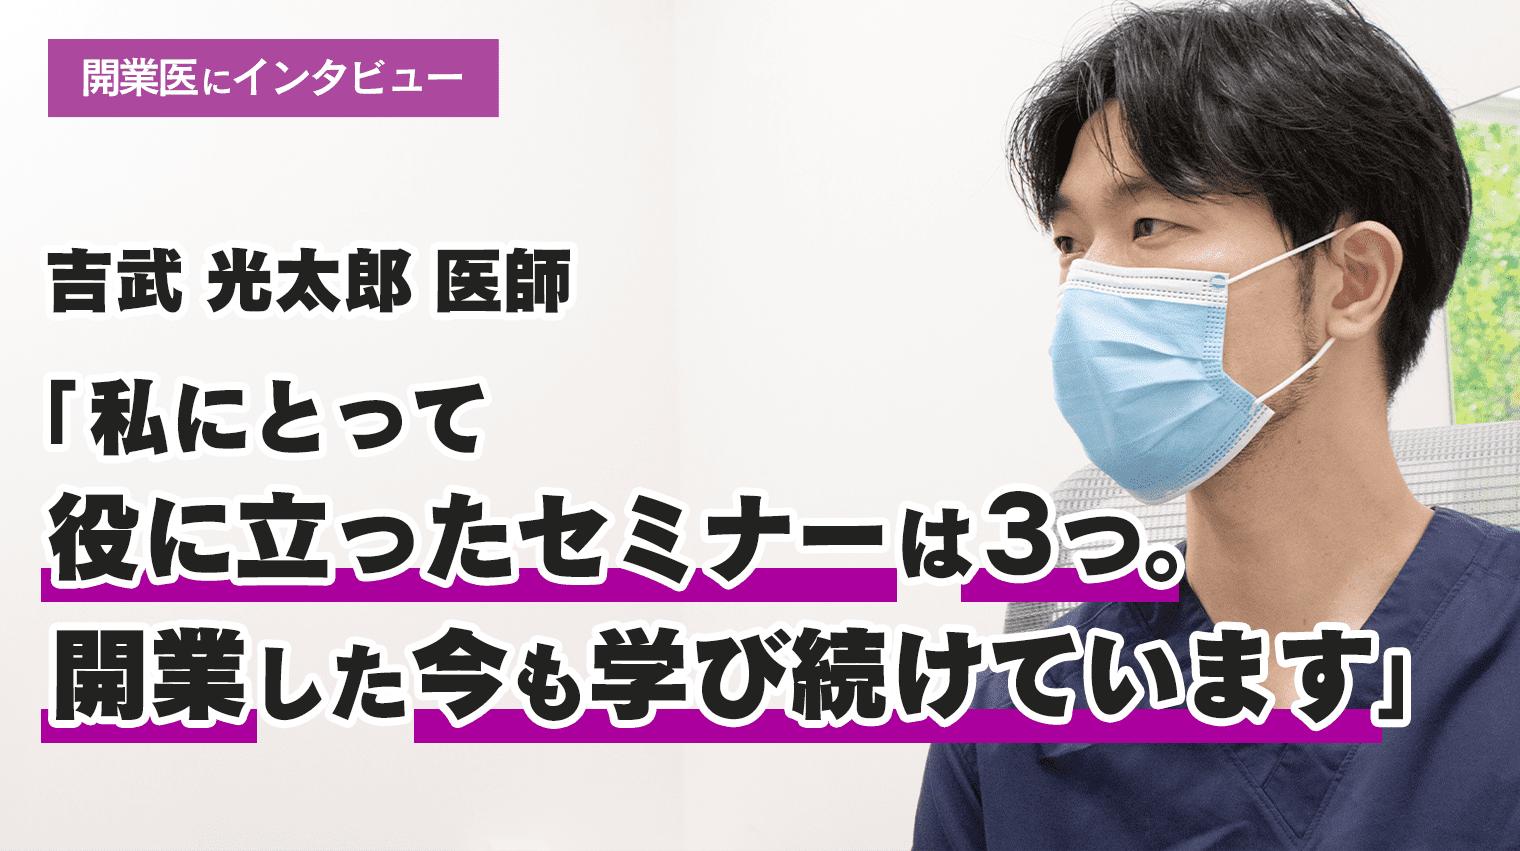 【開業医にインタビュー:吉武光太郎医師】開業準備で役立ったセミナーは?